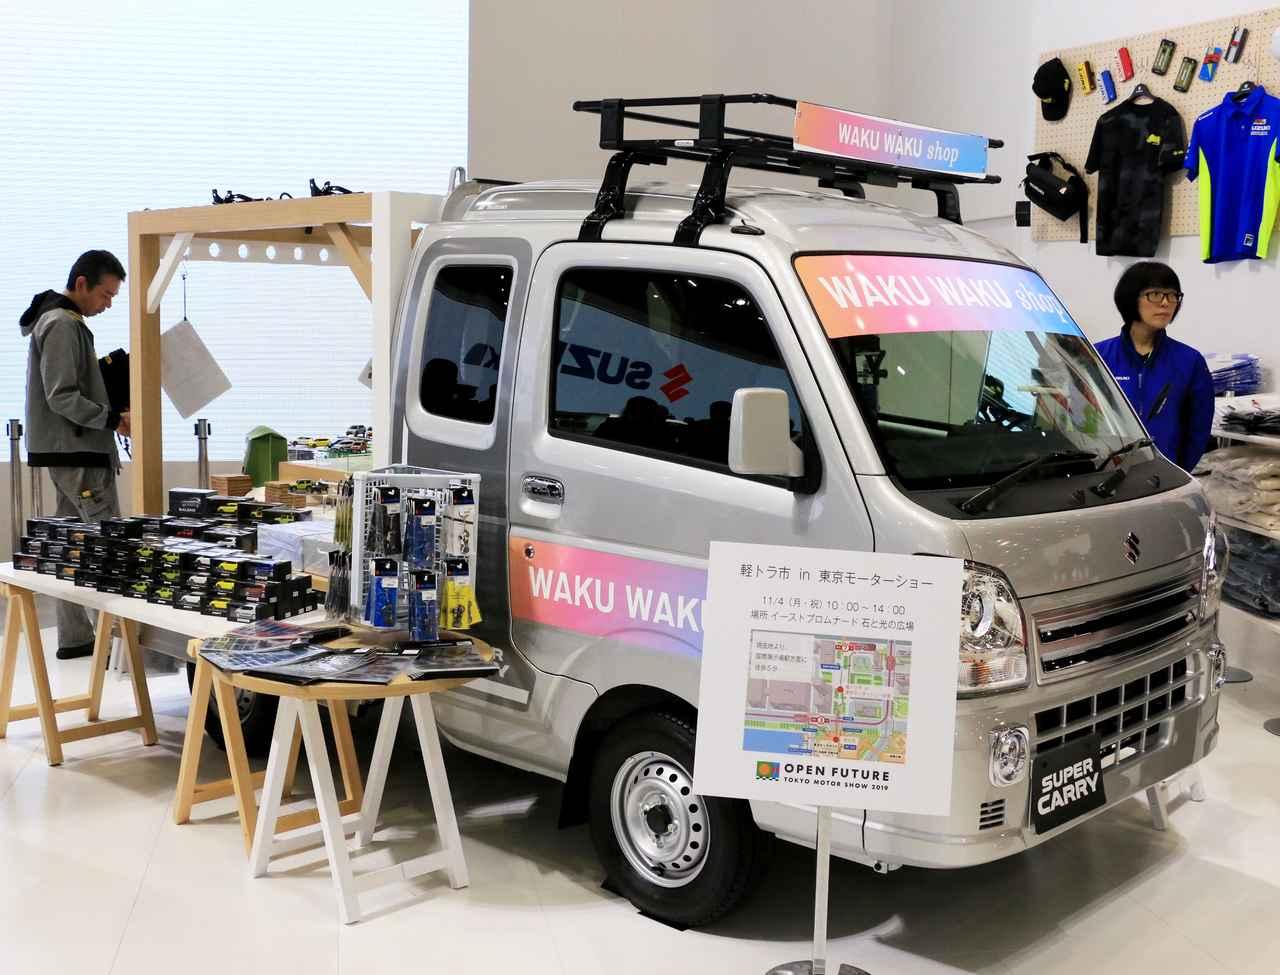 スズキブースは〈WAKU WAKU〉しちゃう展示がいっぱい! ここではレア物の買い物もできる!?【東京モーターショー2019】